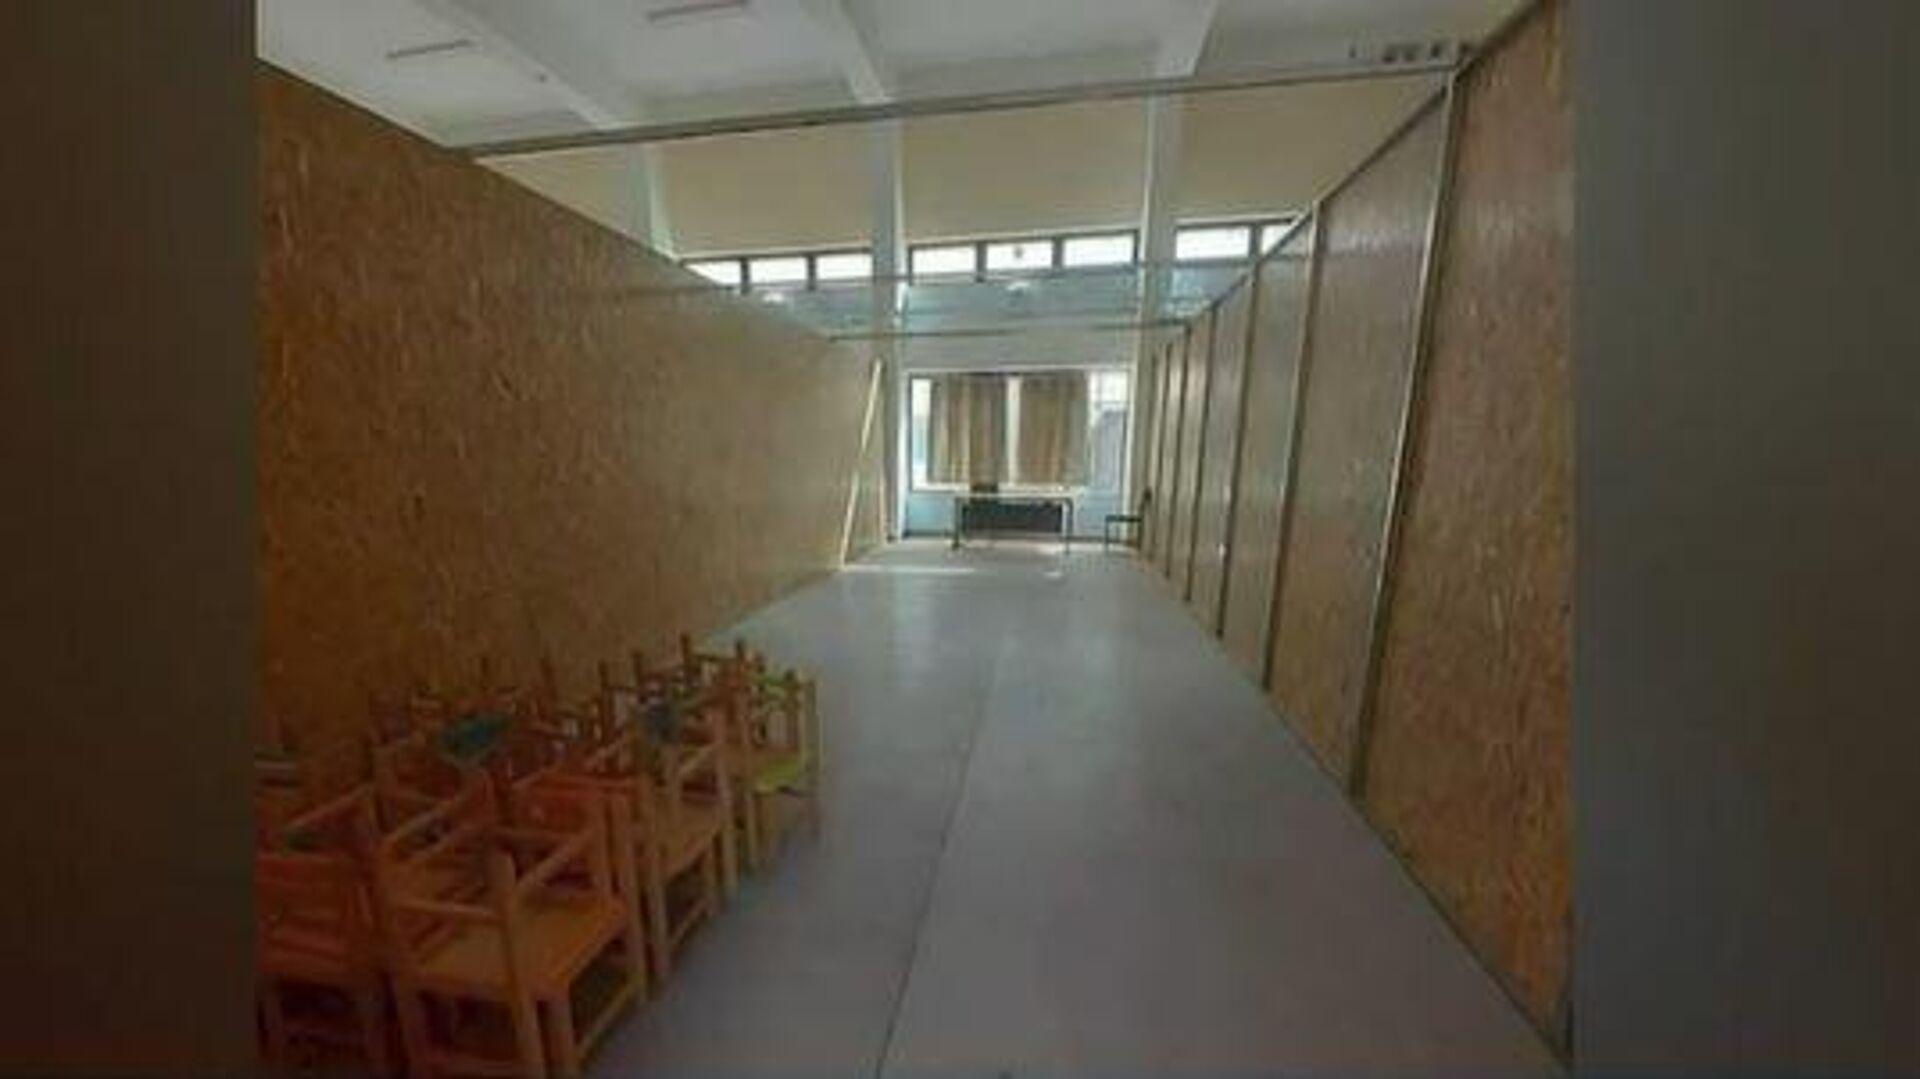 Έβαλαν περίπου 140 νήπια μέσα σε αίθουσα λυκείου - Sputnik Ελλάδα, 1920, 16.09.2021